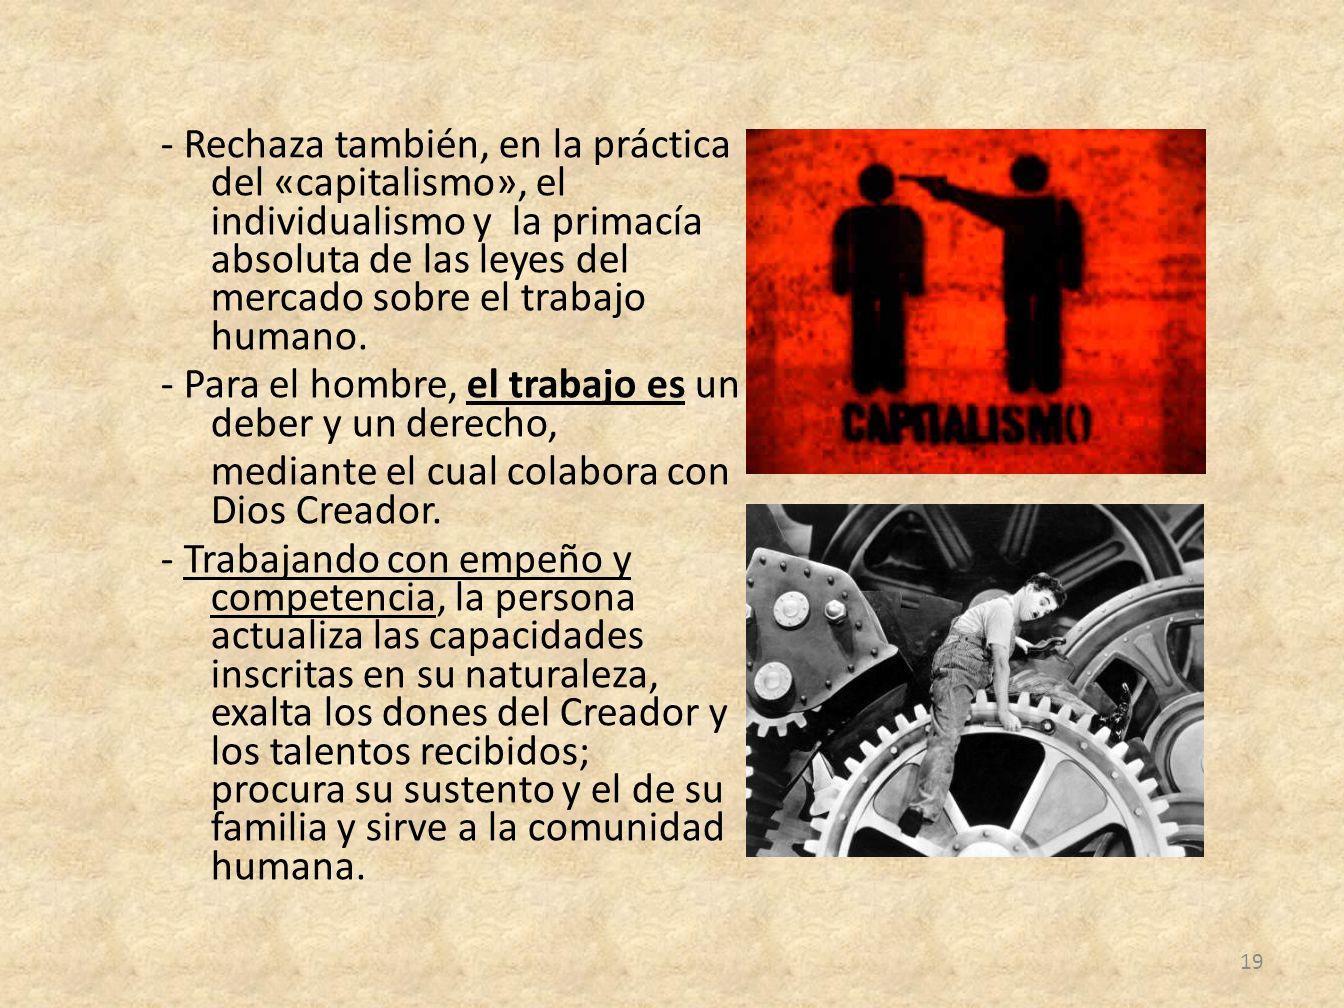 - Rechaza también, en la práctica del «capitalismo», el individualismo y la primacía absoluta de las leyes del mercado sobre el trabajo humano. - Para